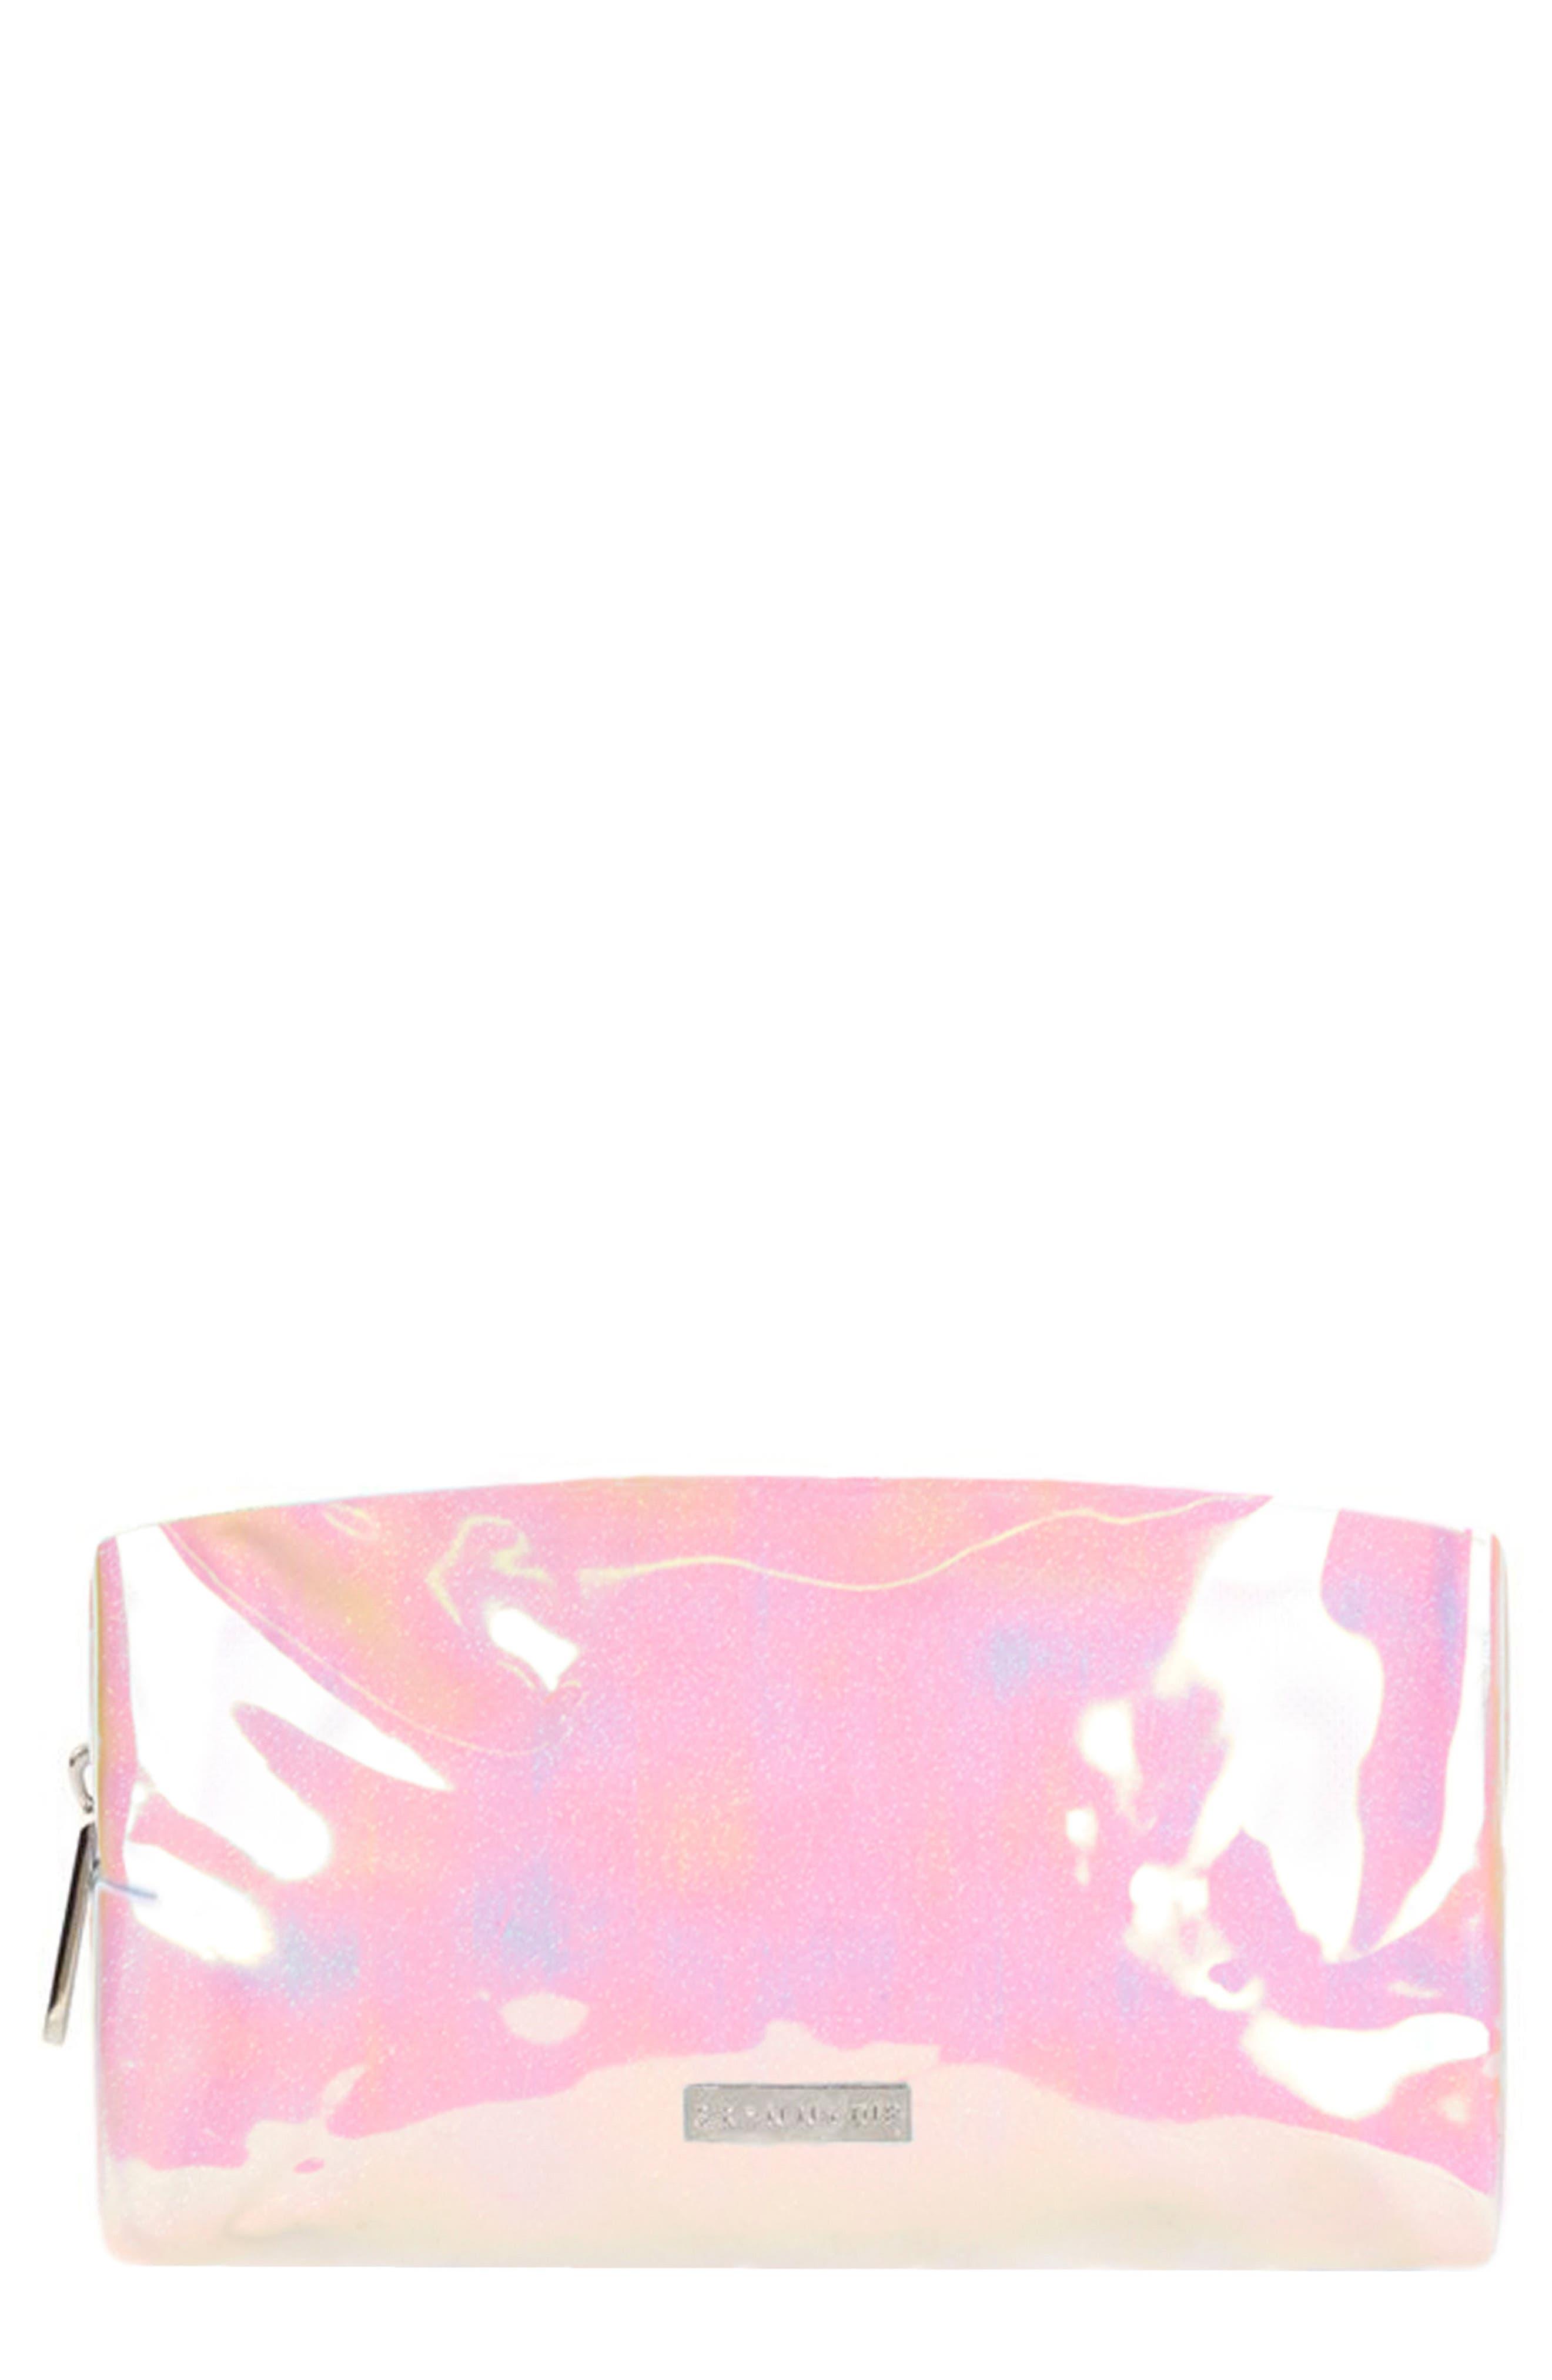 Skinny Dip Wave Cosmetics Case,                         Main,                         color, NO COLOR